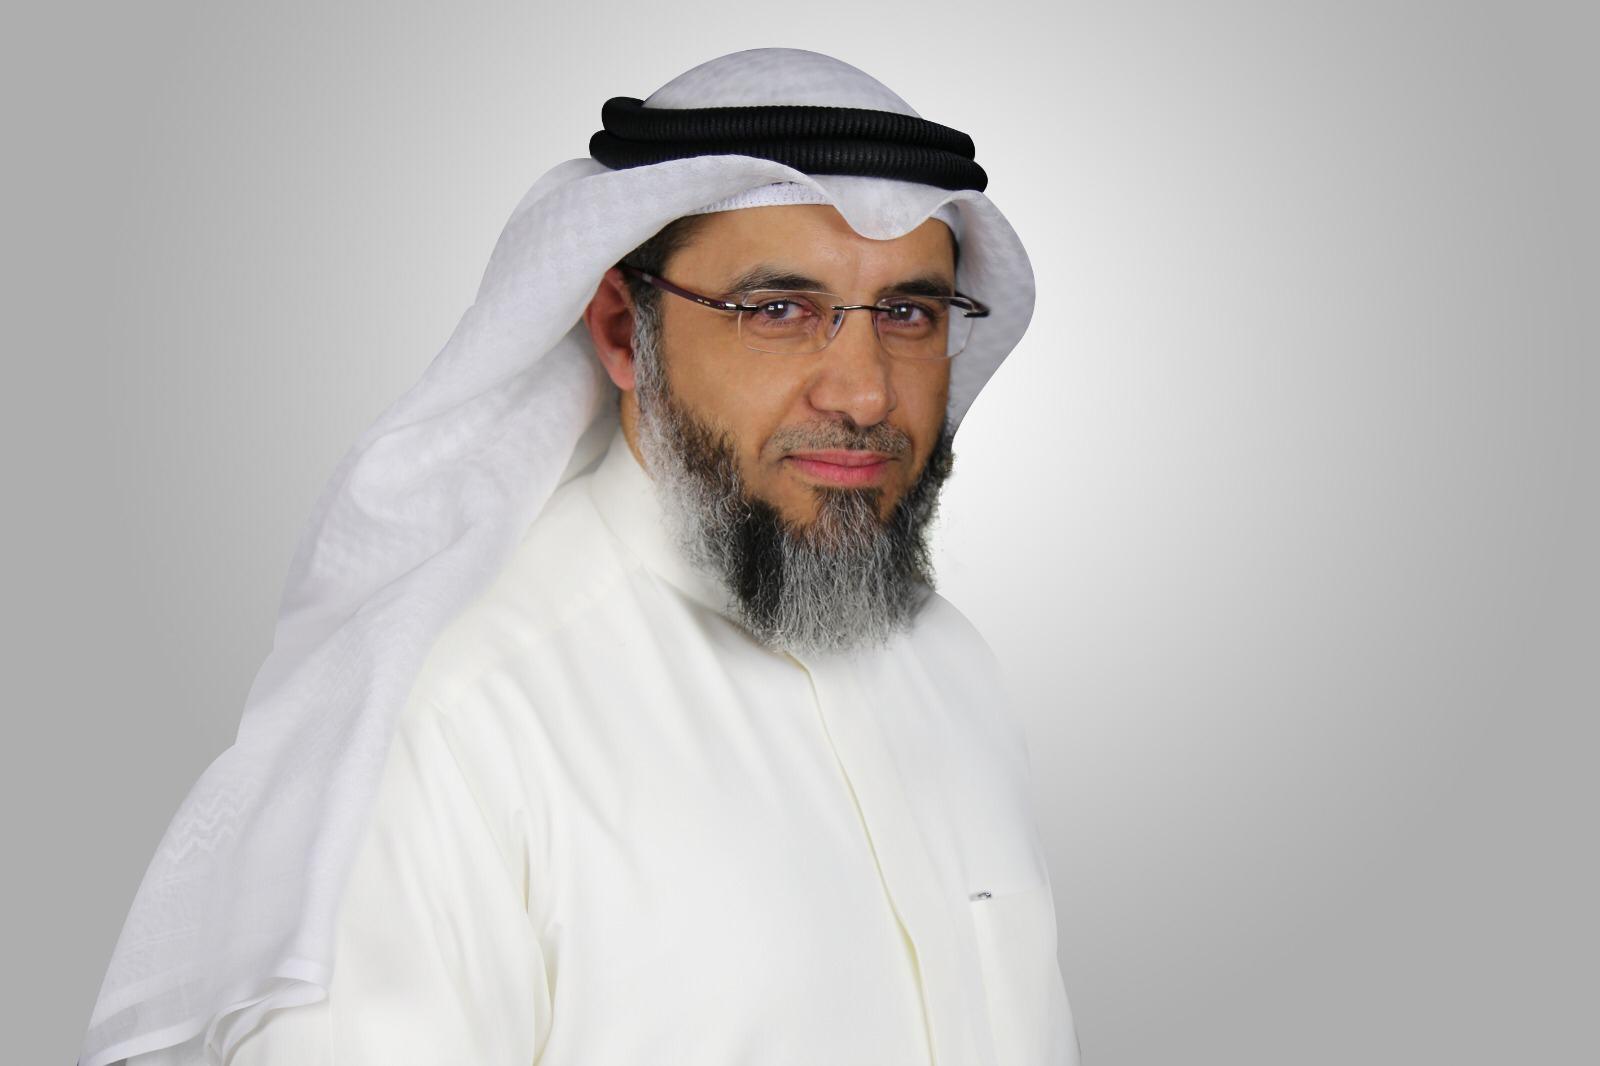 أولويّة المعارضة... العفو أم...؟ بقلم :عبدالعزيز الفضلي